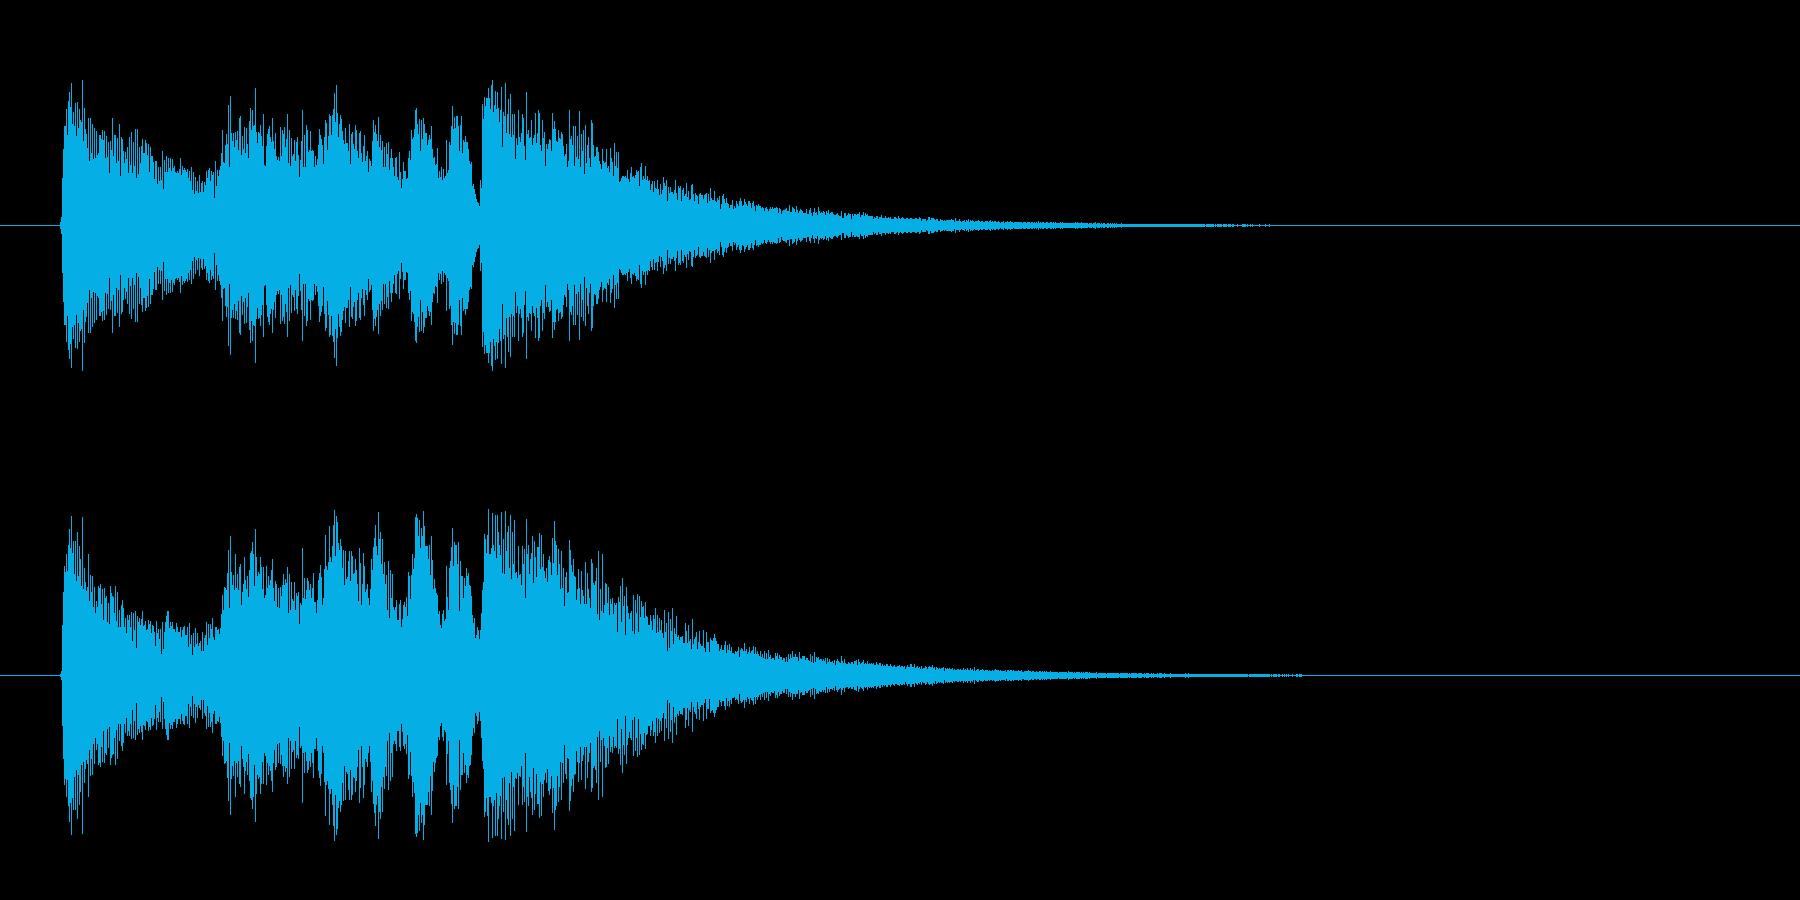 ジングル(ナイト・タイム・ジャズ風)の再生済みの波形